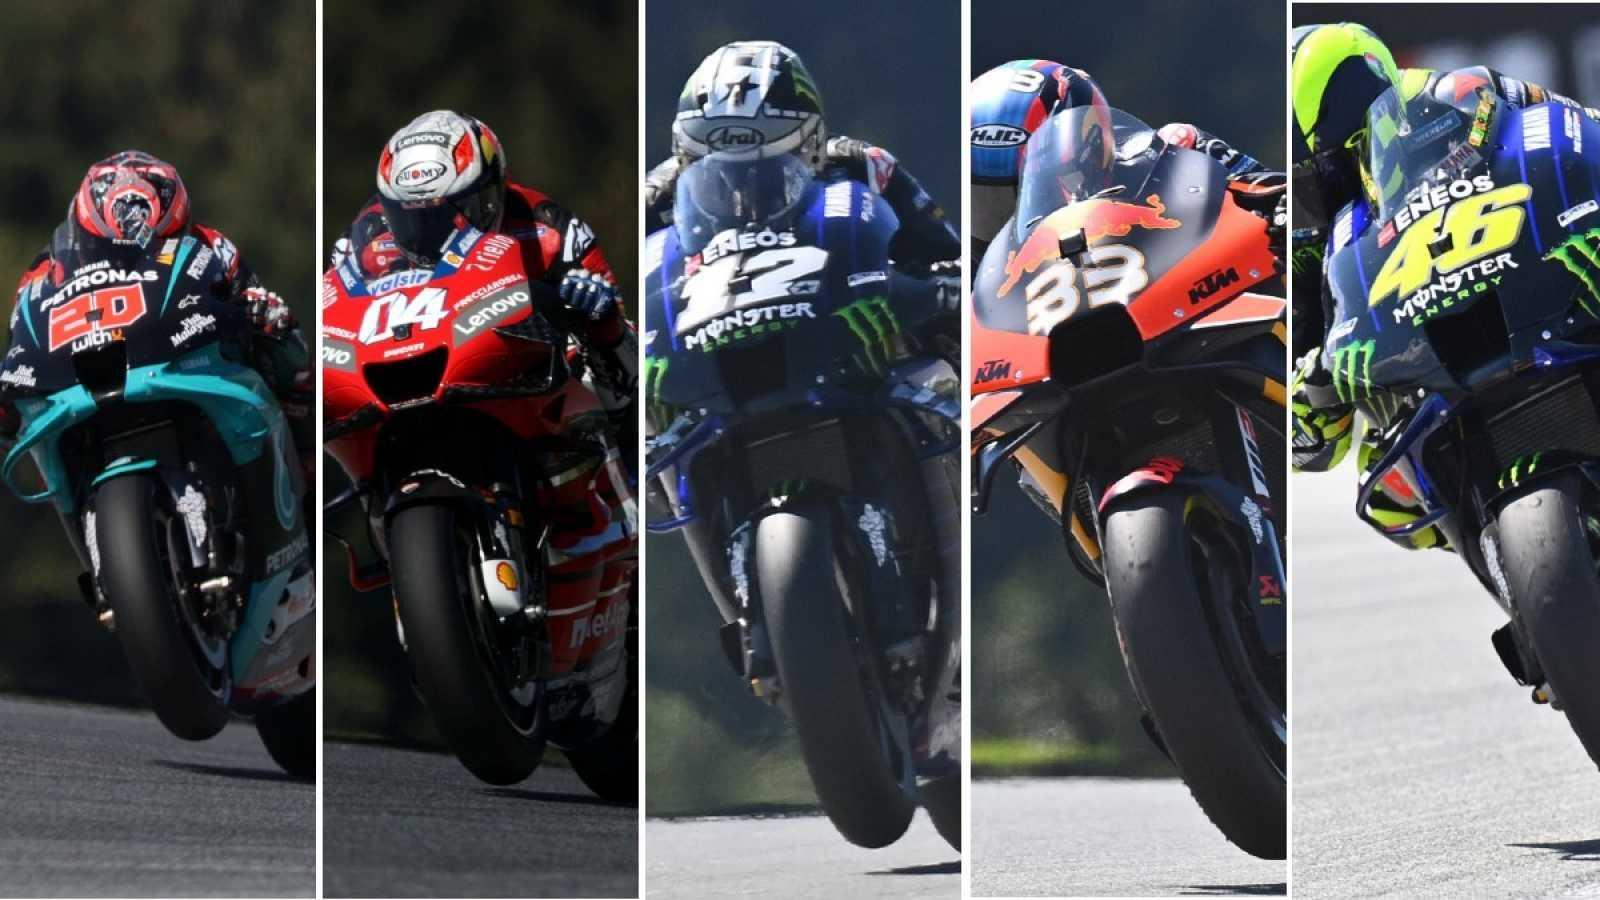 Imagen: De izquierda a derecha: Quartararo, Dovizioso, Viñales, Binder y Rossi